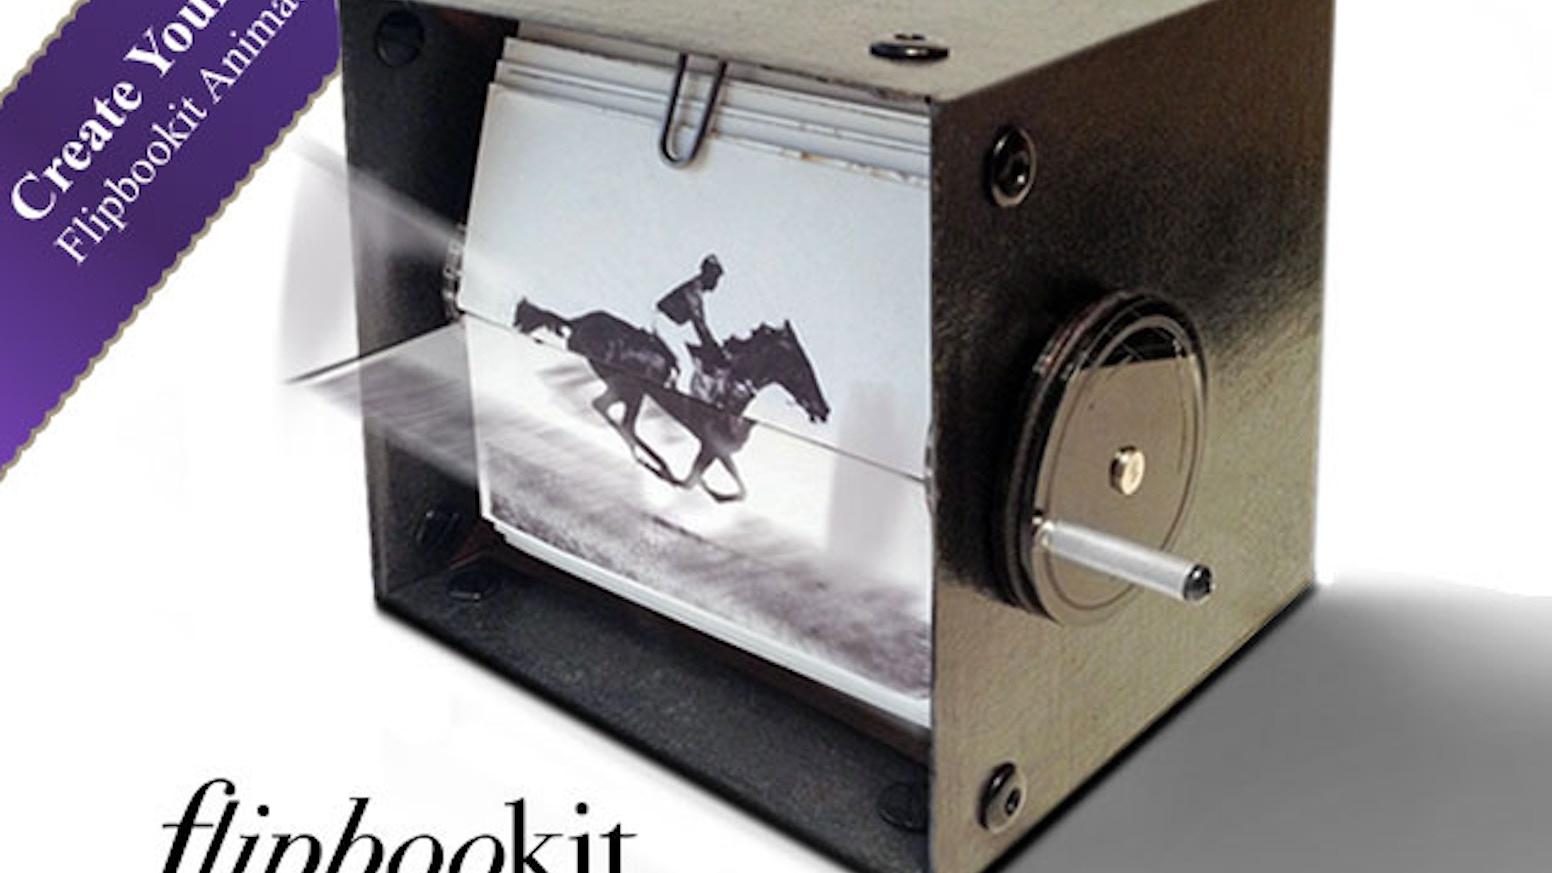 flipbookit mechanical flipbook art and kit by shinymind kickstarter